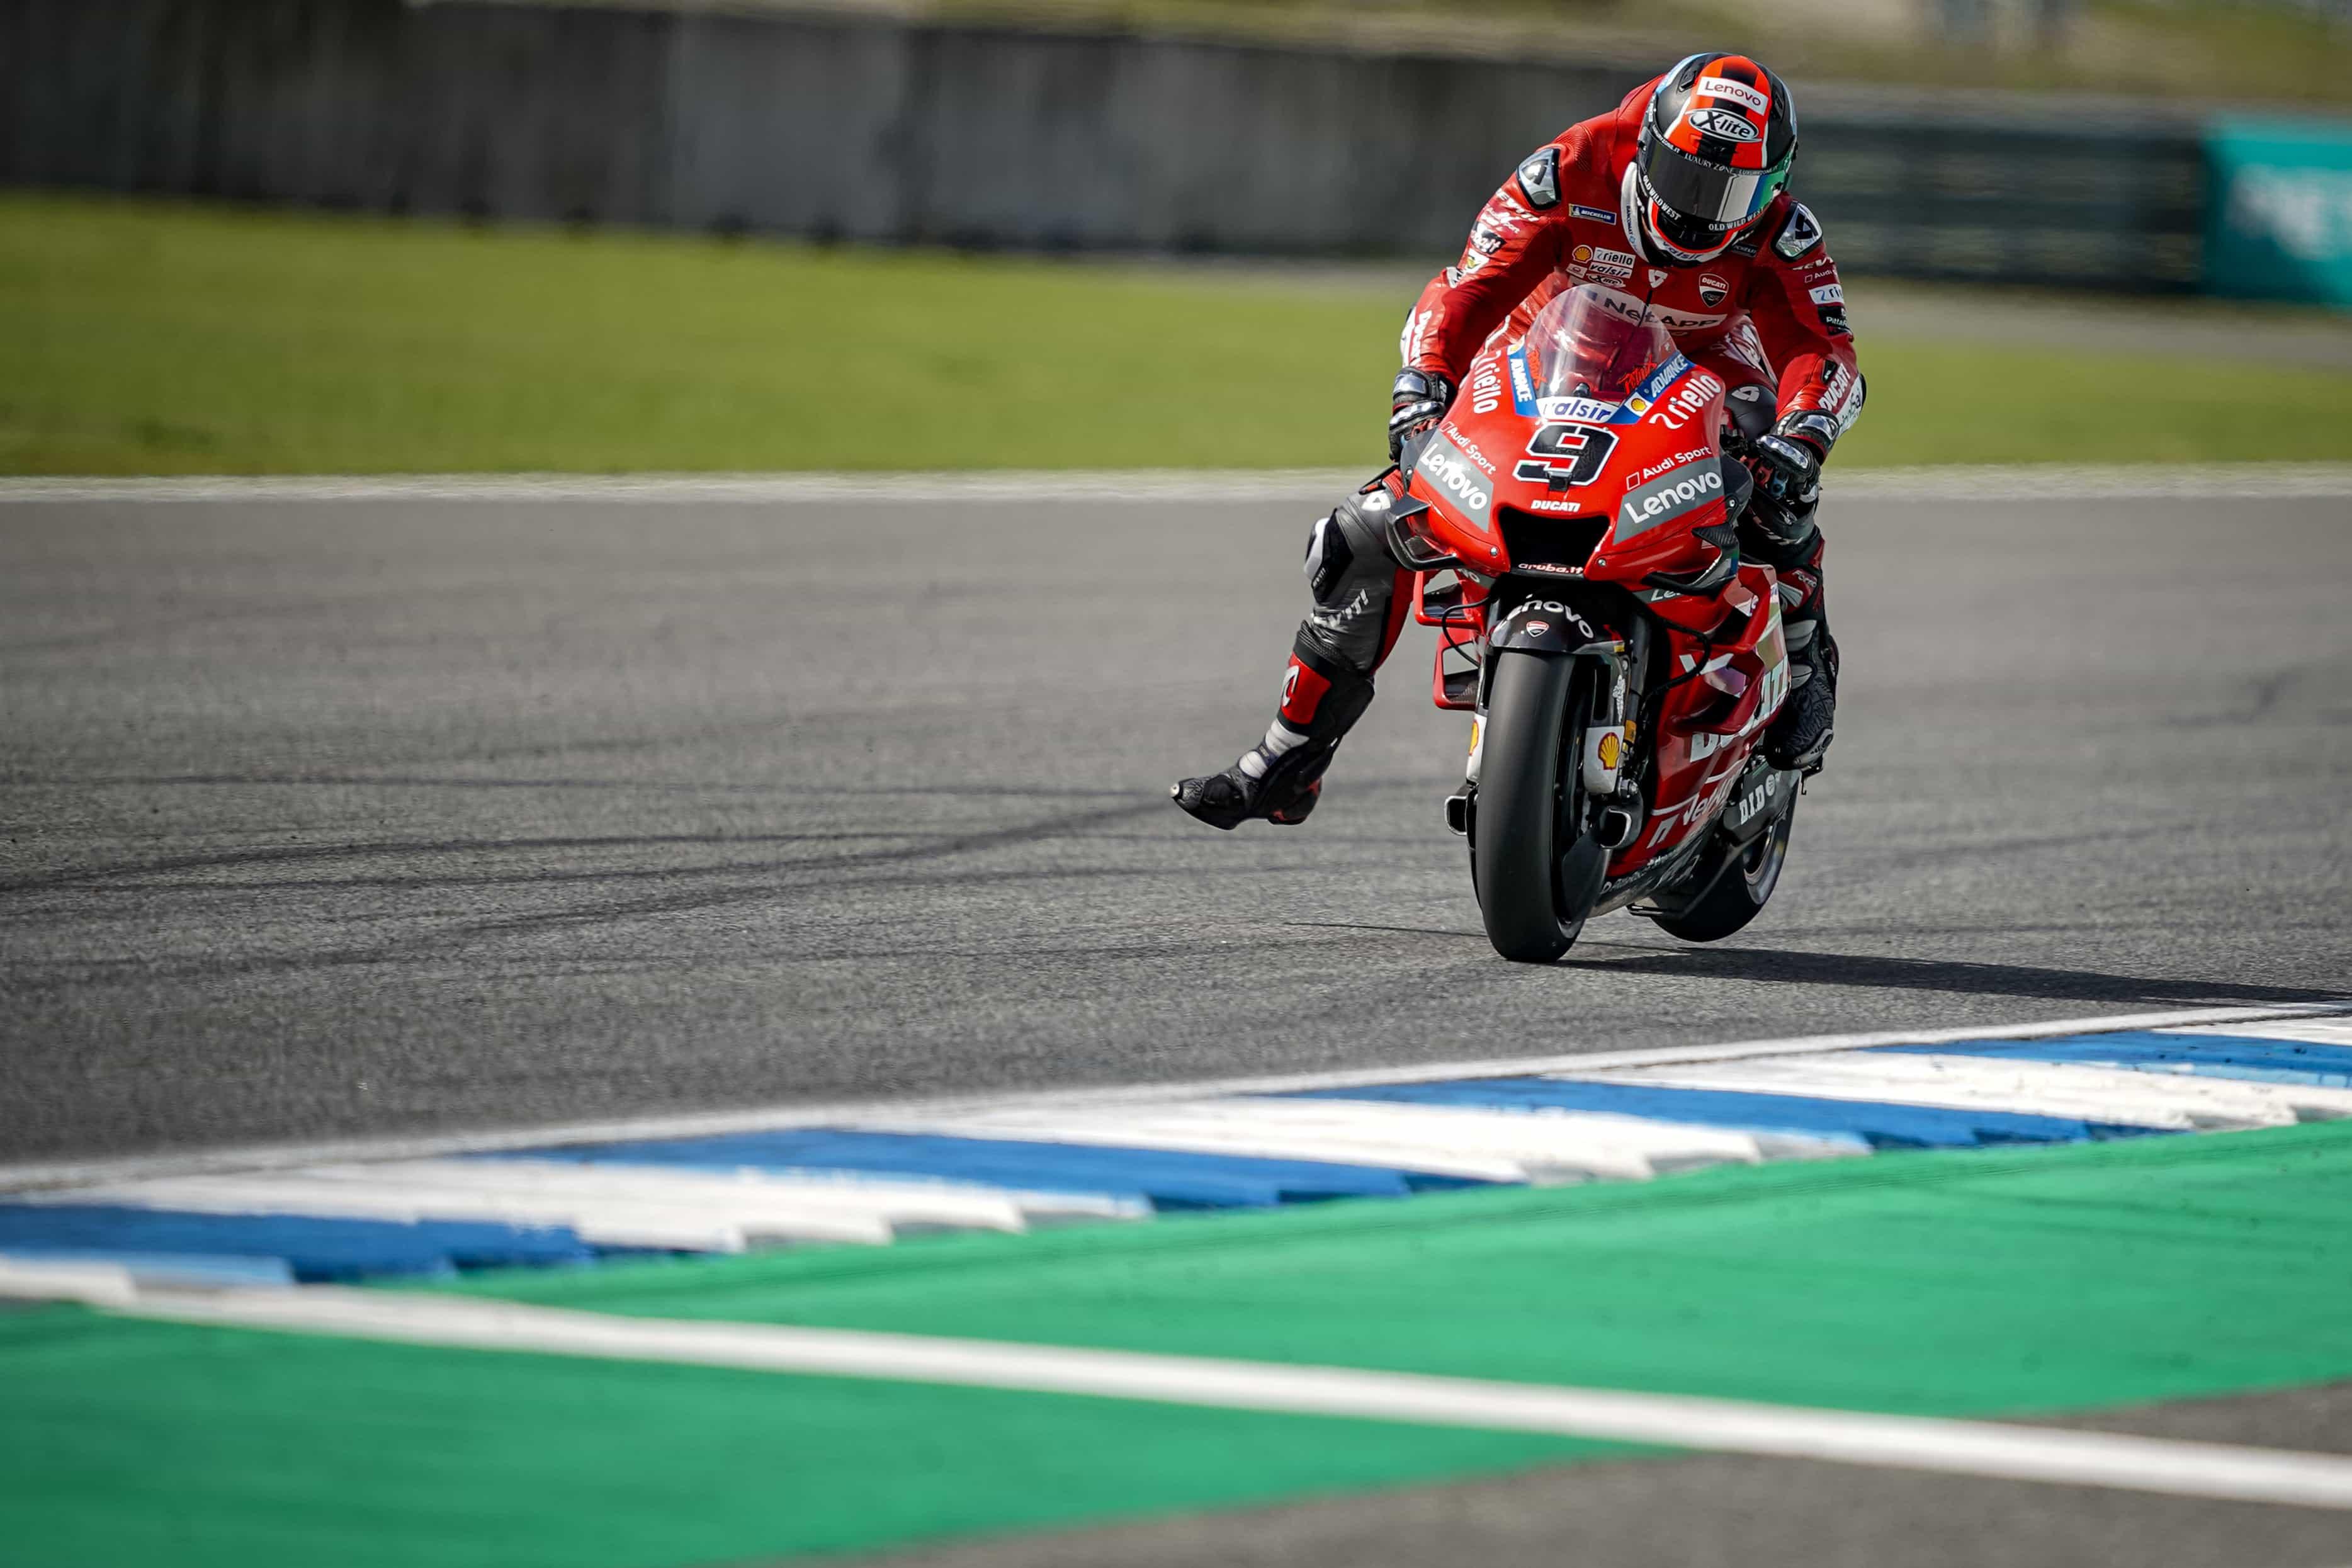 MotoGP2019タイGP 予選5位ペトルッチ「ようやく良い予選走行が出来た」